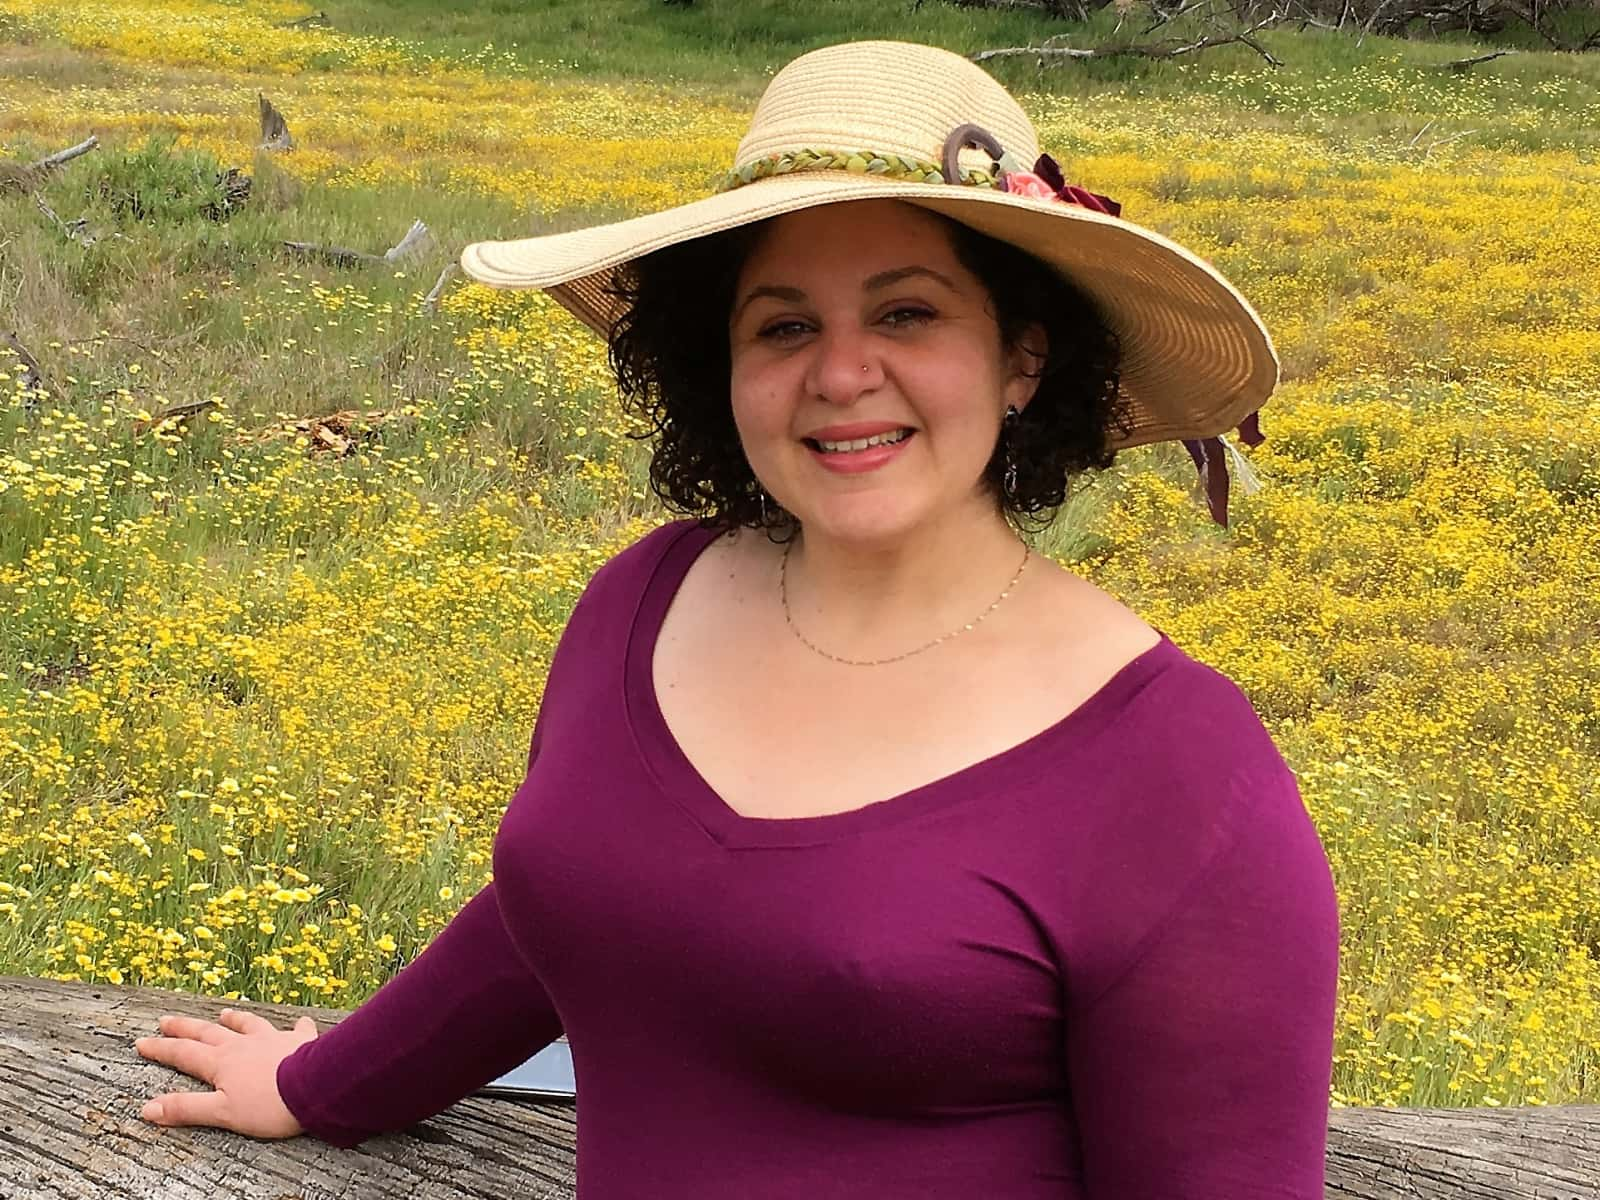 Lauren from San Luis Obispo, California, United States